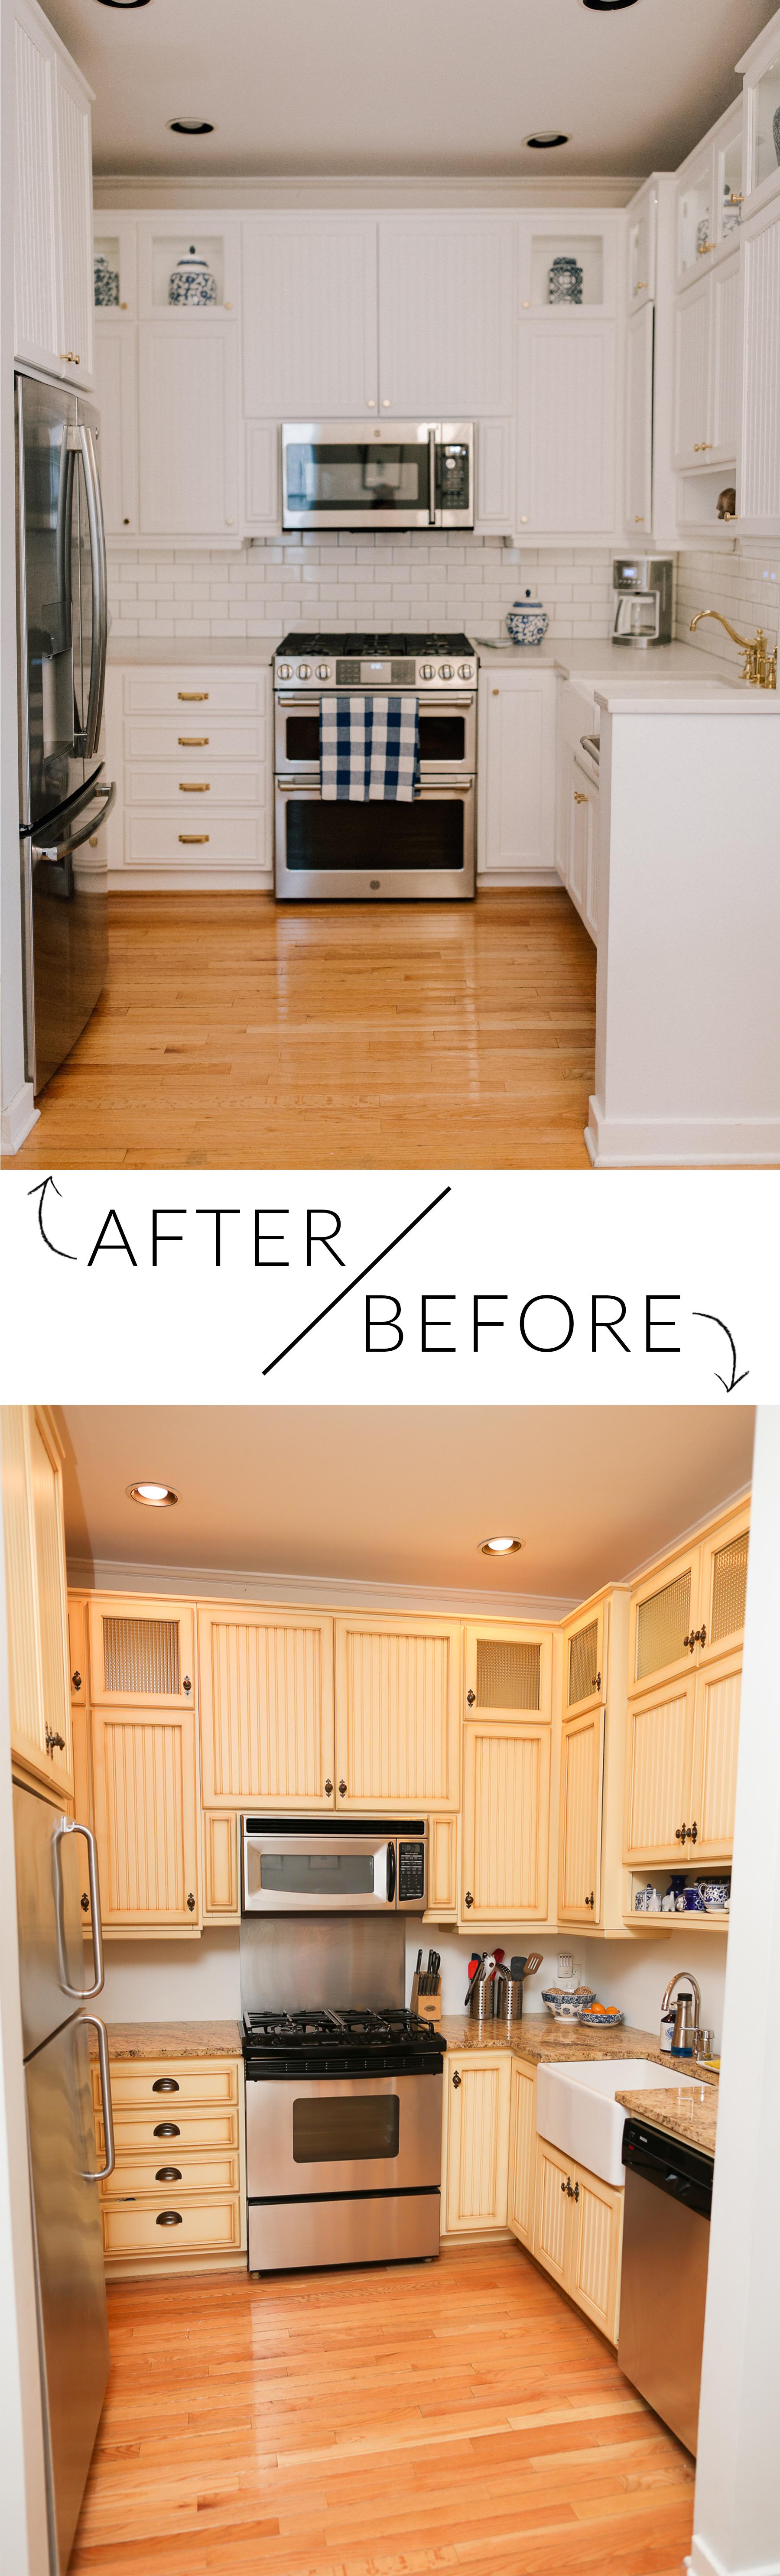 Preppy Kitchen Renovation